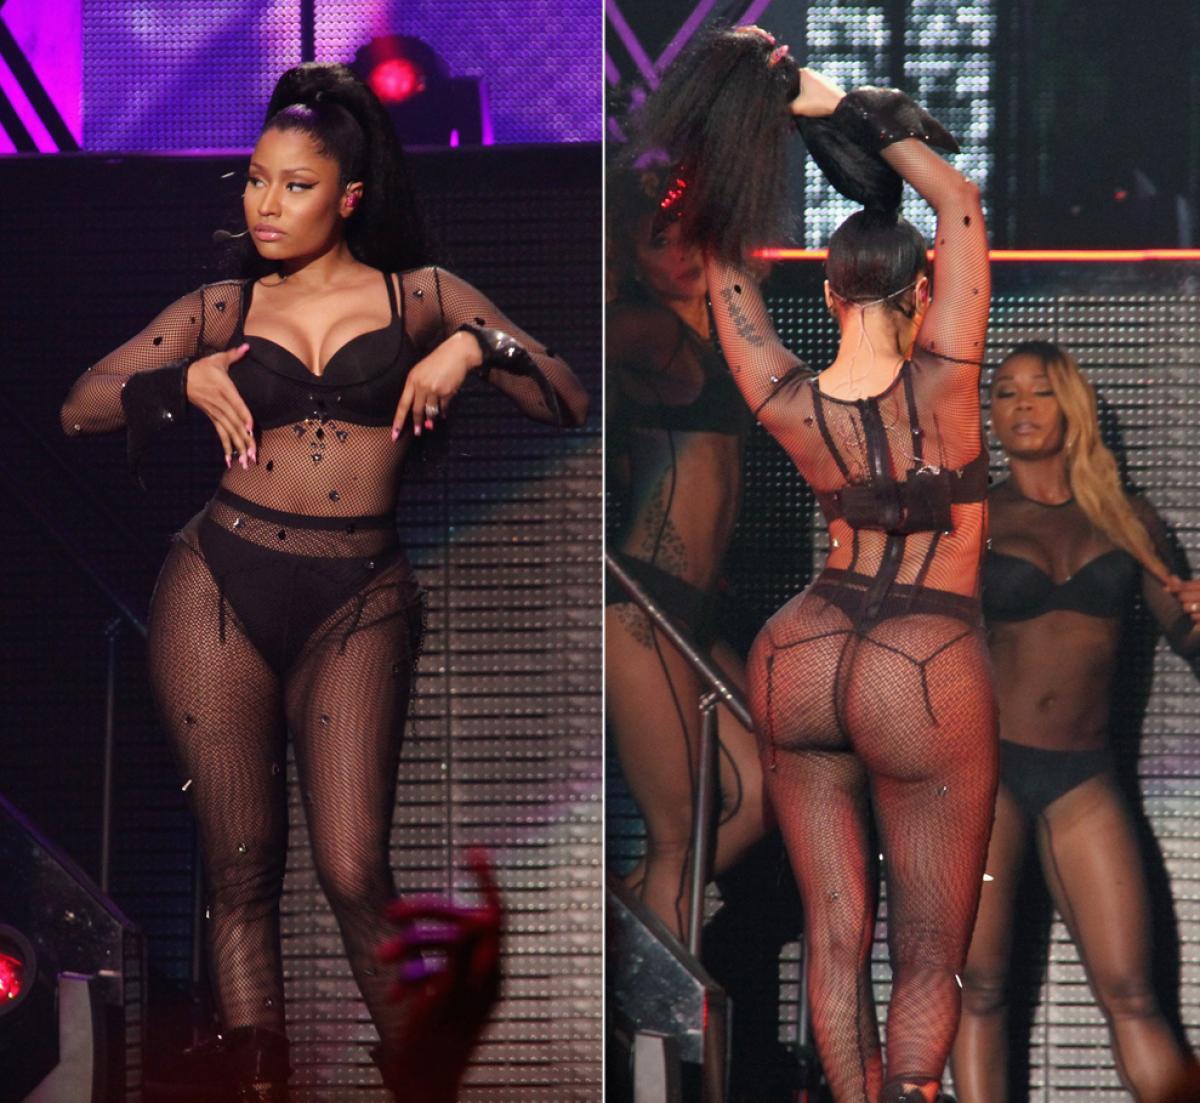 Nicki Minaj Pics, Music Collection